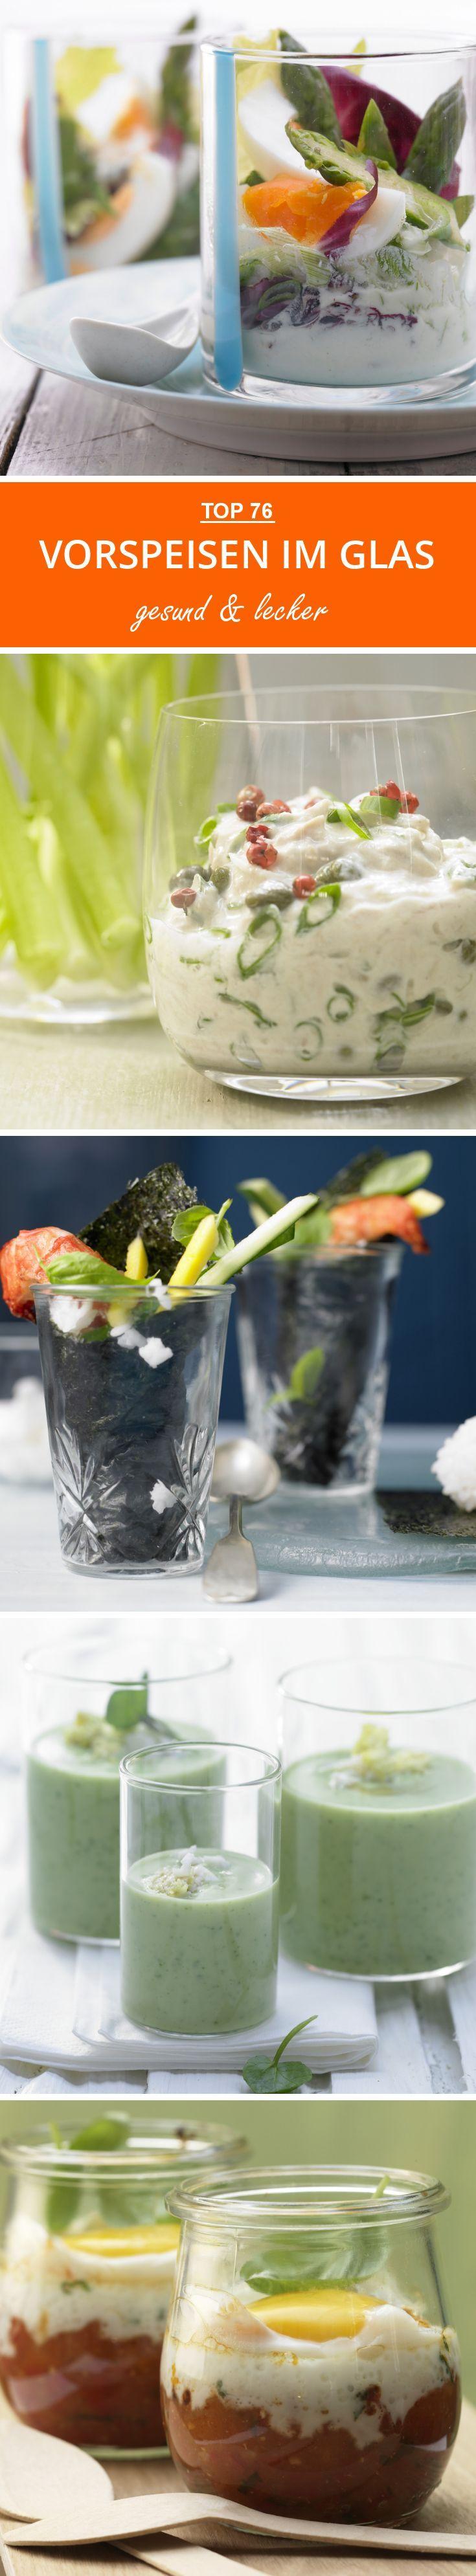 vorspeisen im glas food so cute pinterest vorspeisen im glas vorspeise und glas. Black Bedroom Furniture Sets. Home Design Ideas